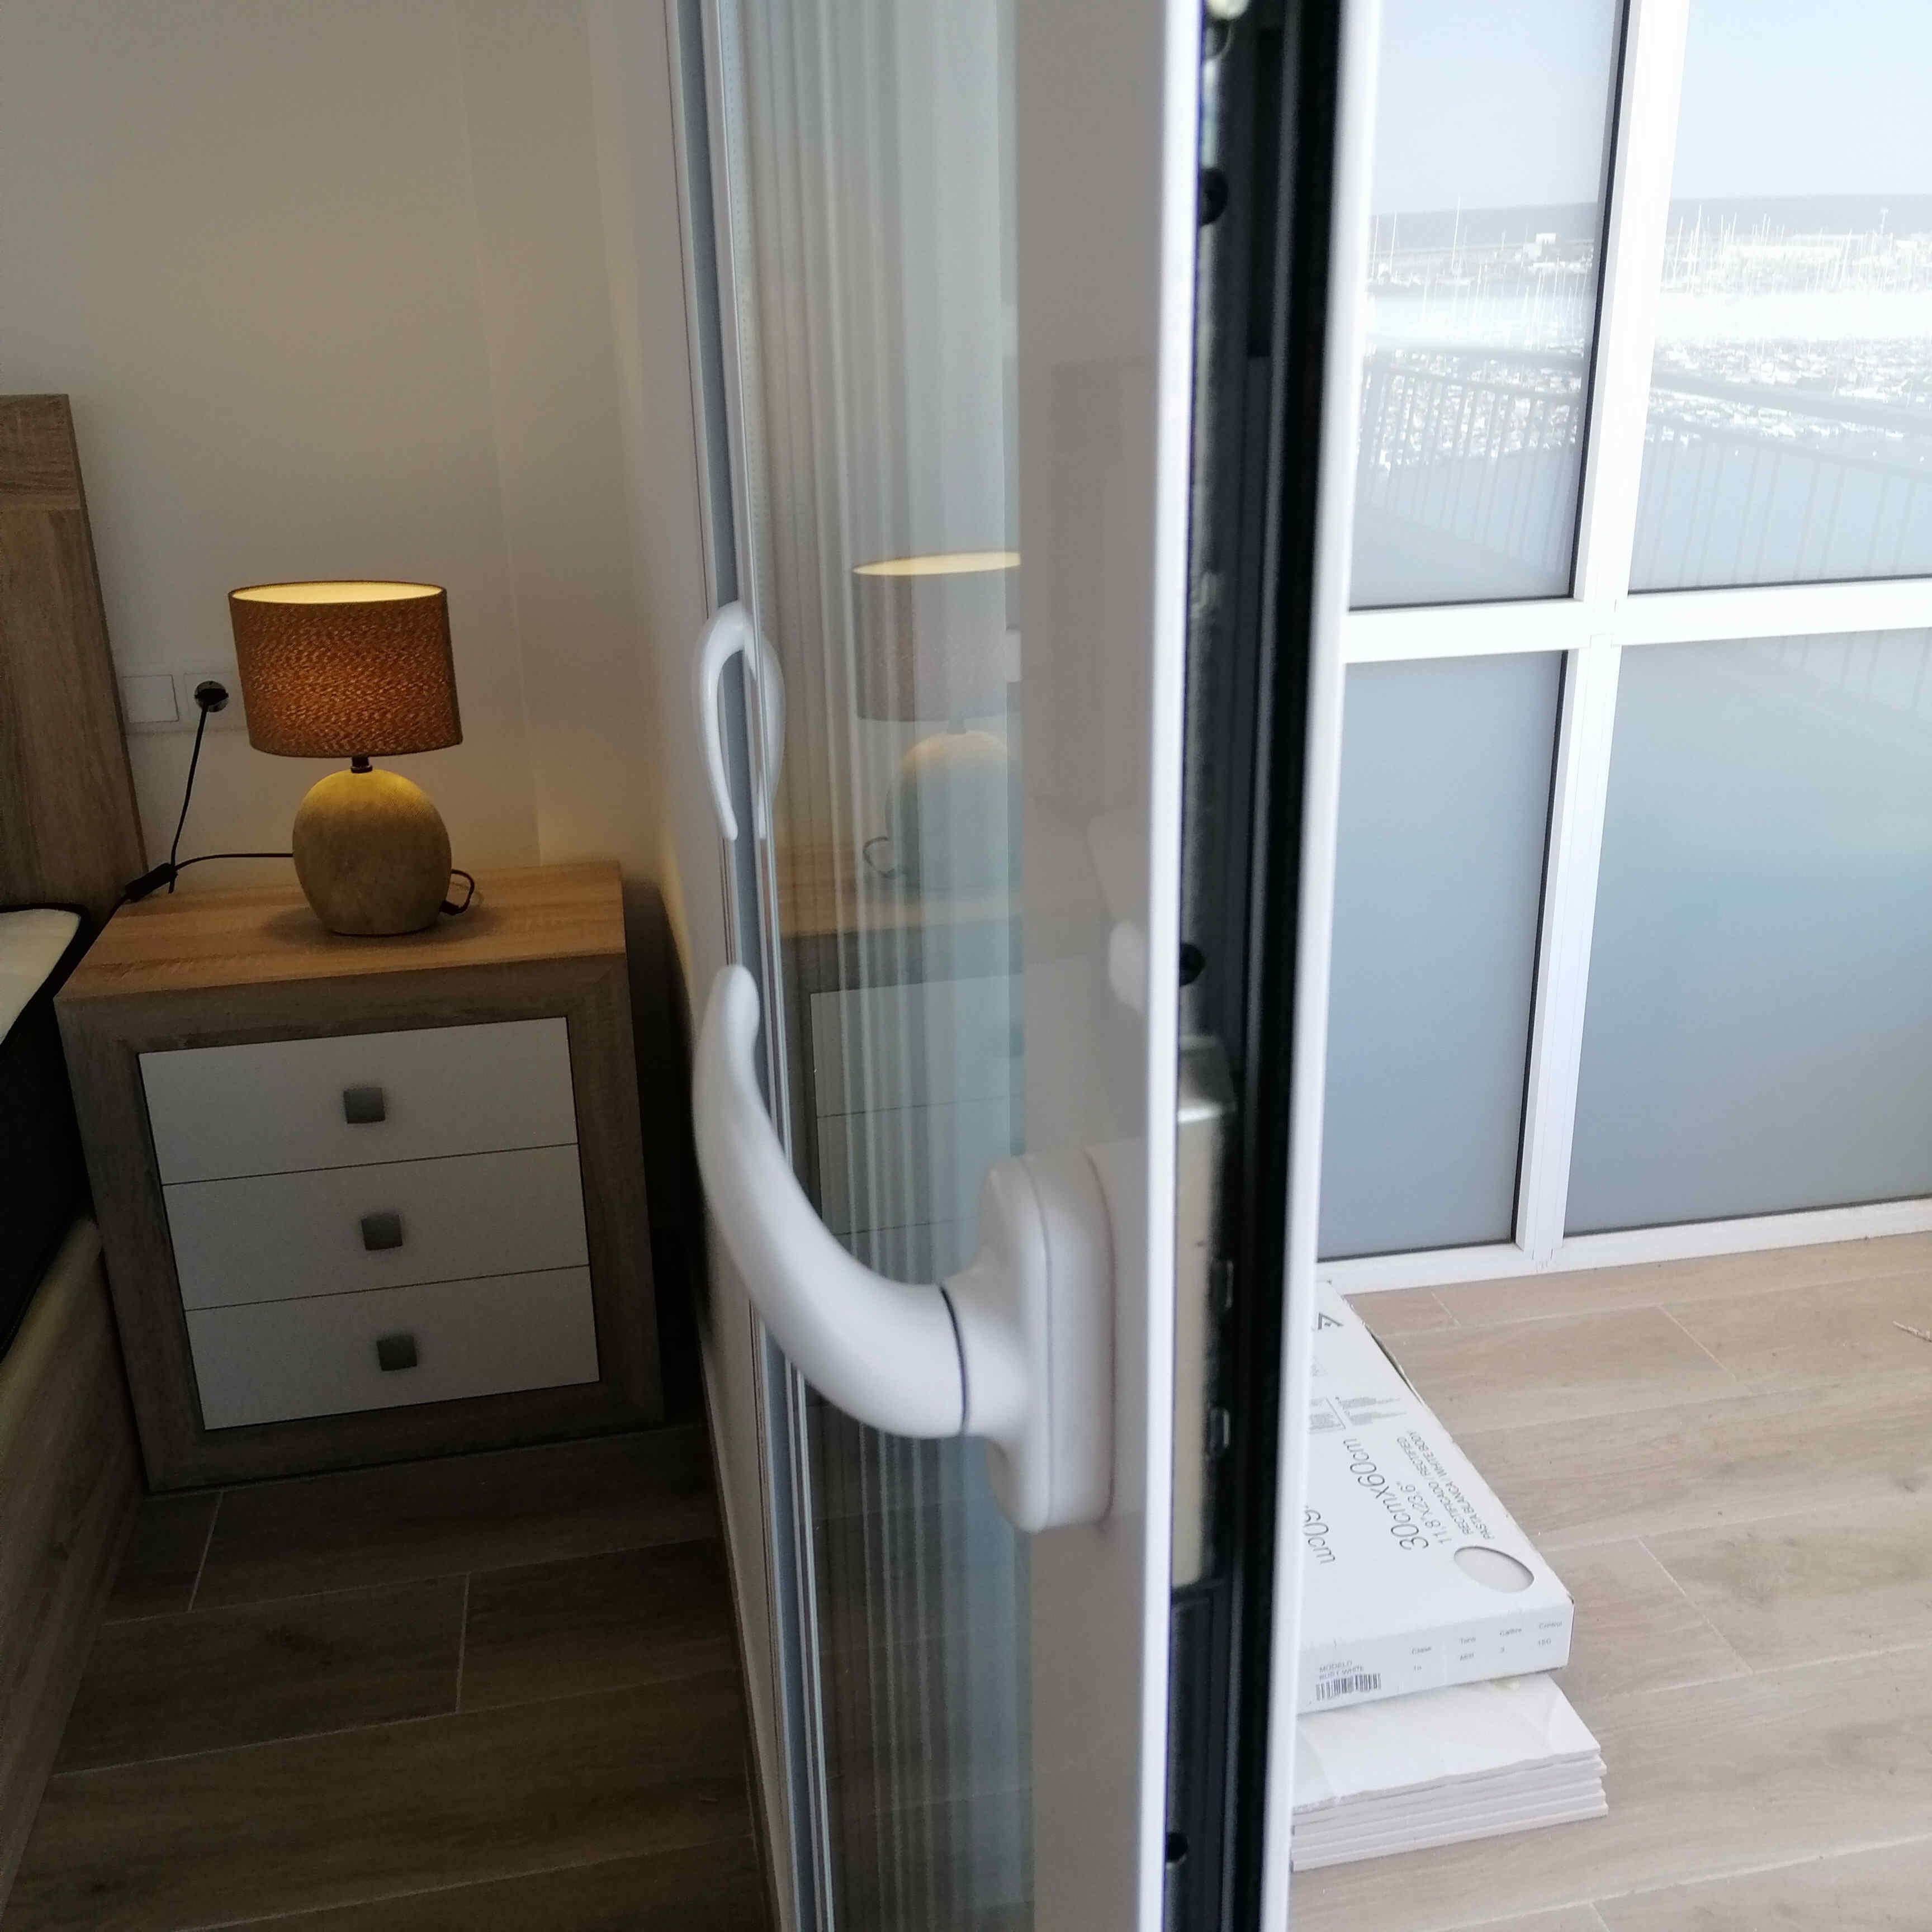 carpinteria-de-aluminio-blanco-manivela-puerta-rotura-de-puente-termico-torrevieja